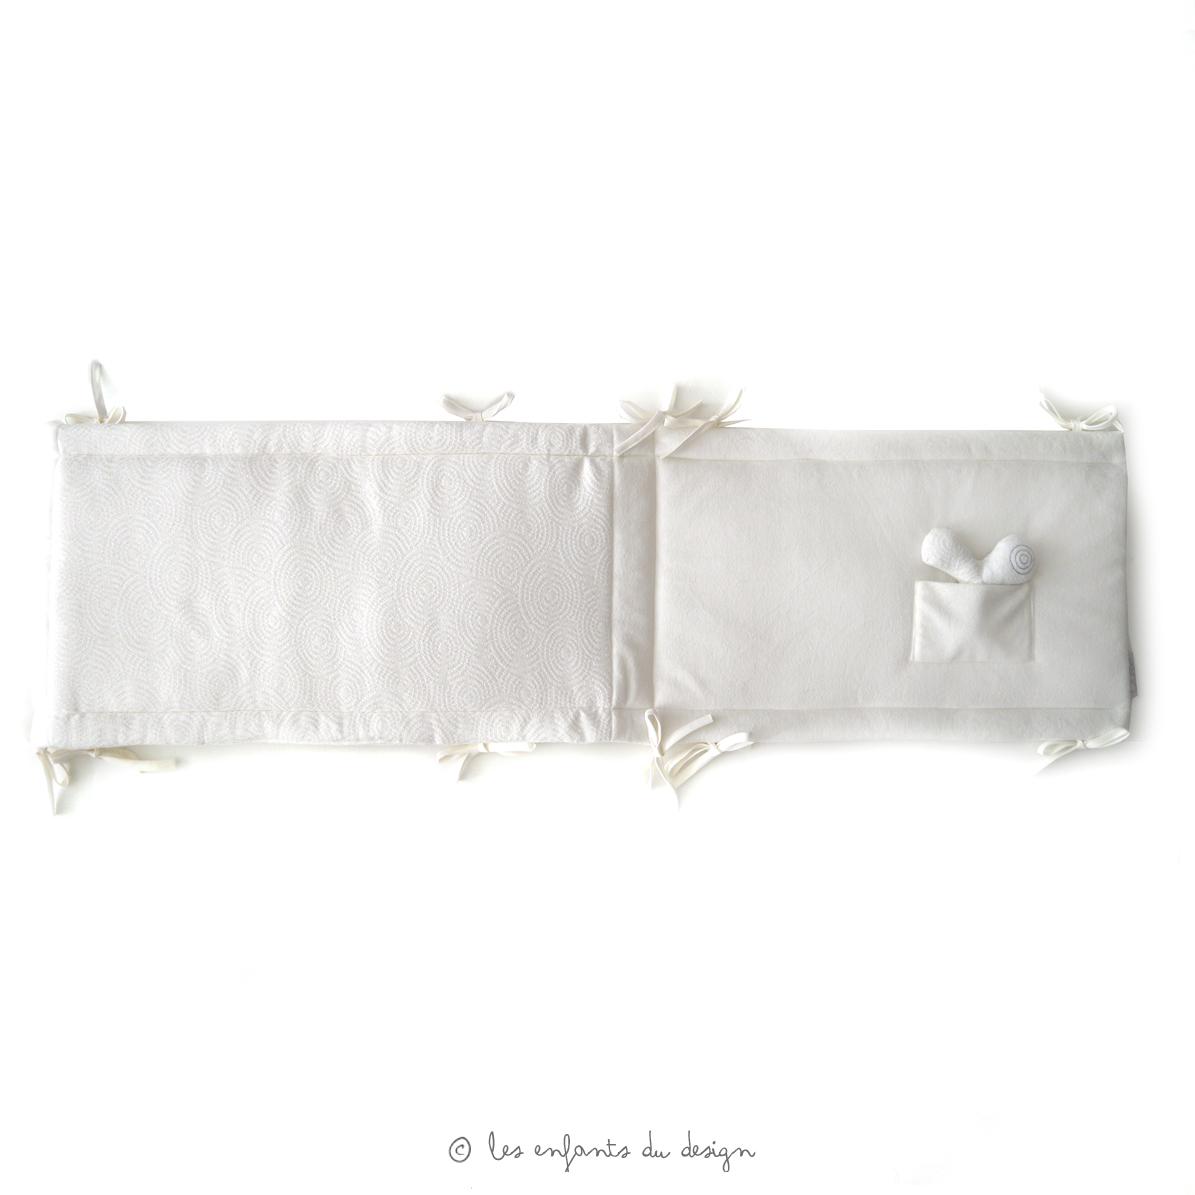 Lit quax 103 articles achat pas cher avec kibodio - Tour de lit bebe 70x140 ...